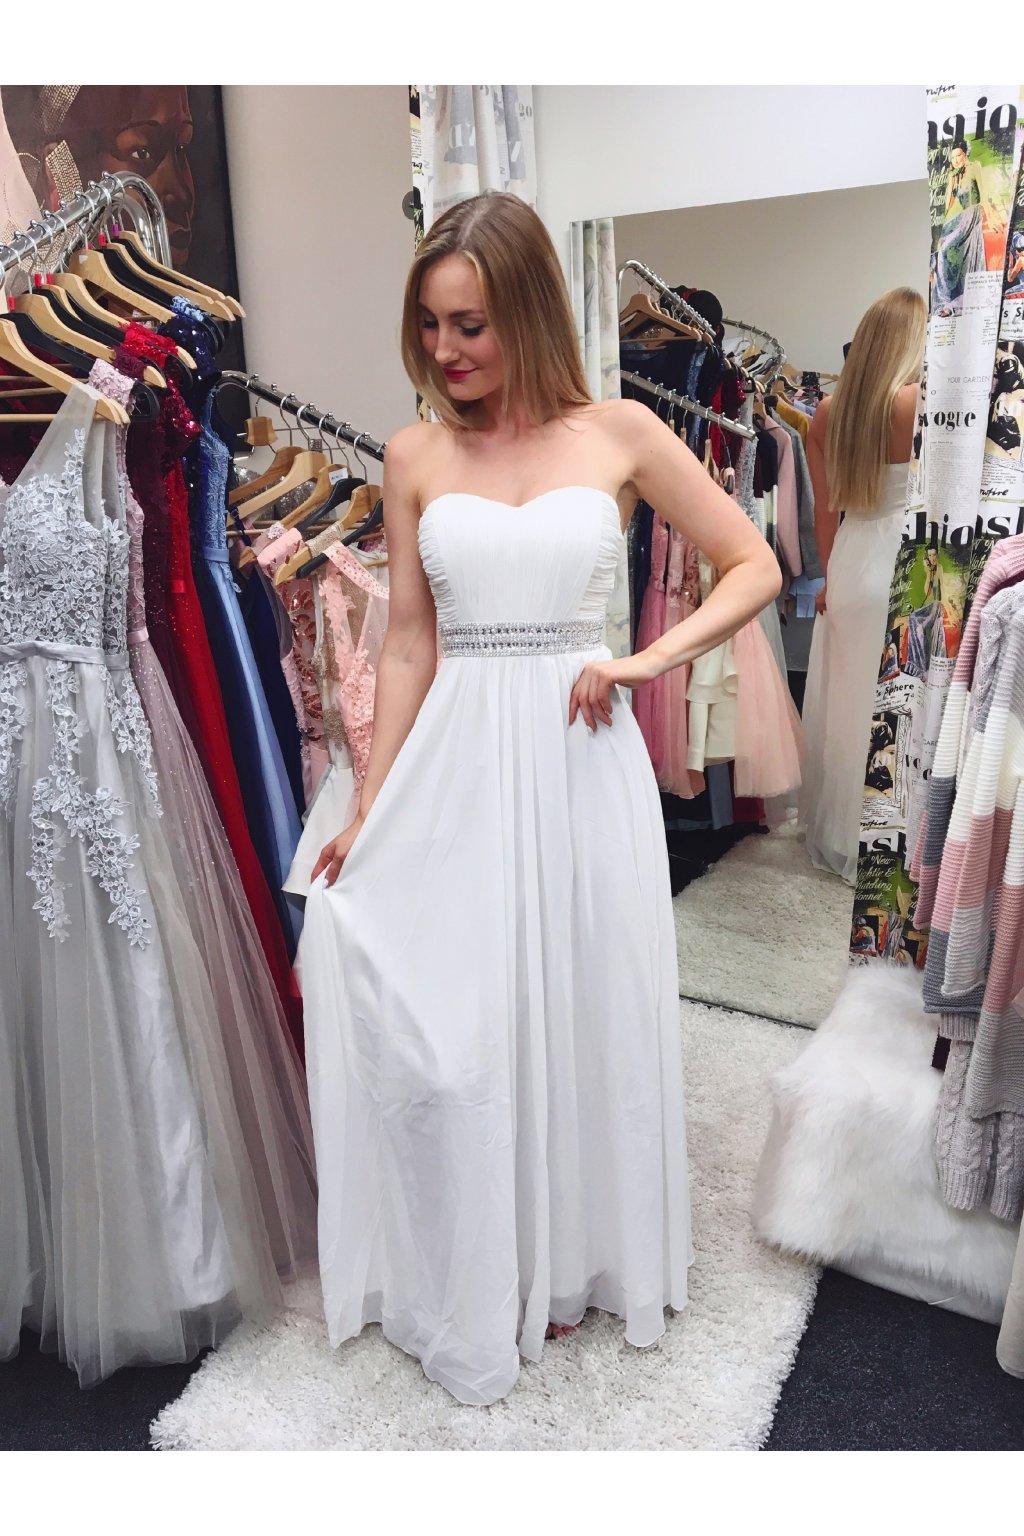 805c43fe8df Bílé společenské   svatební šaty Eva Lola. Neohodnoceno. 4BD79EA5 B52A 47A4  85AF 01A9B55177C1